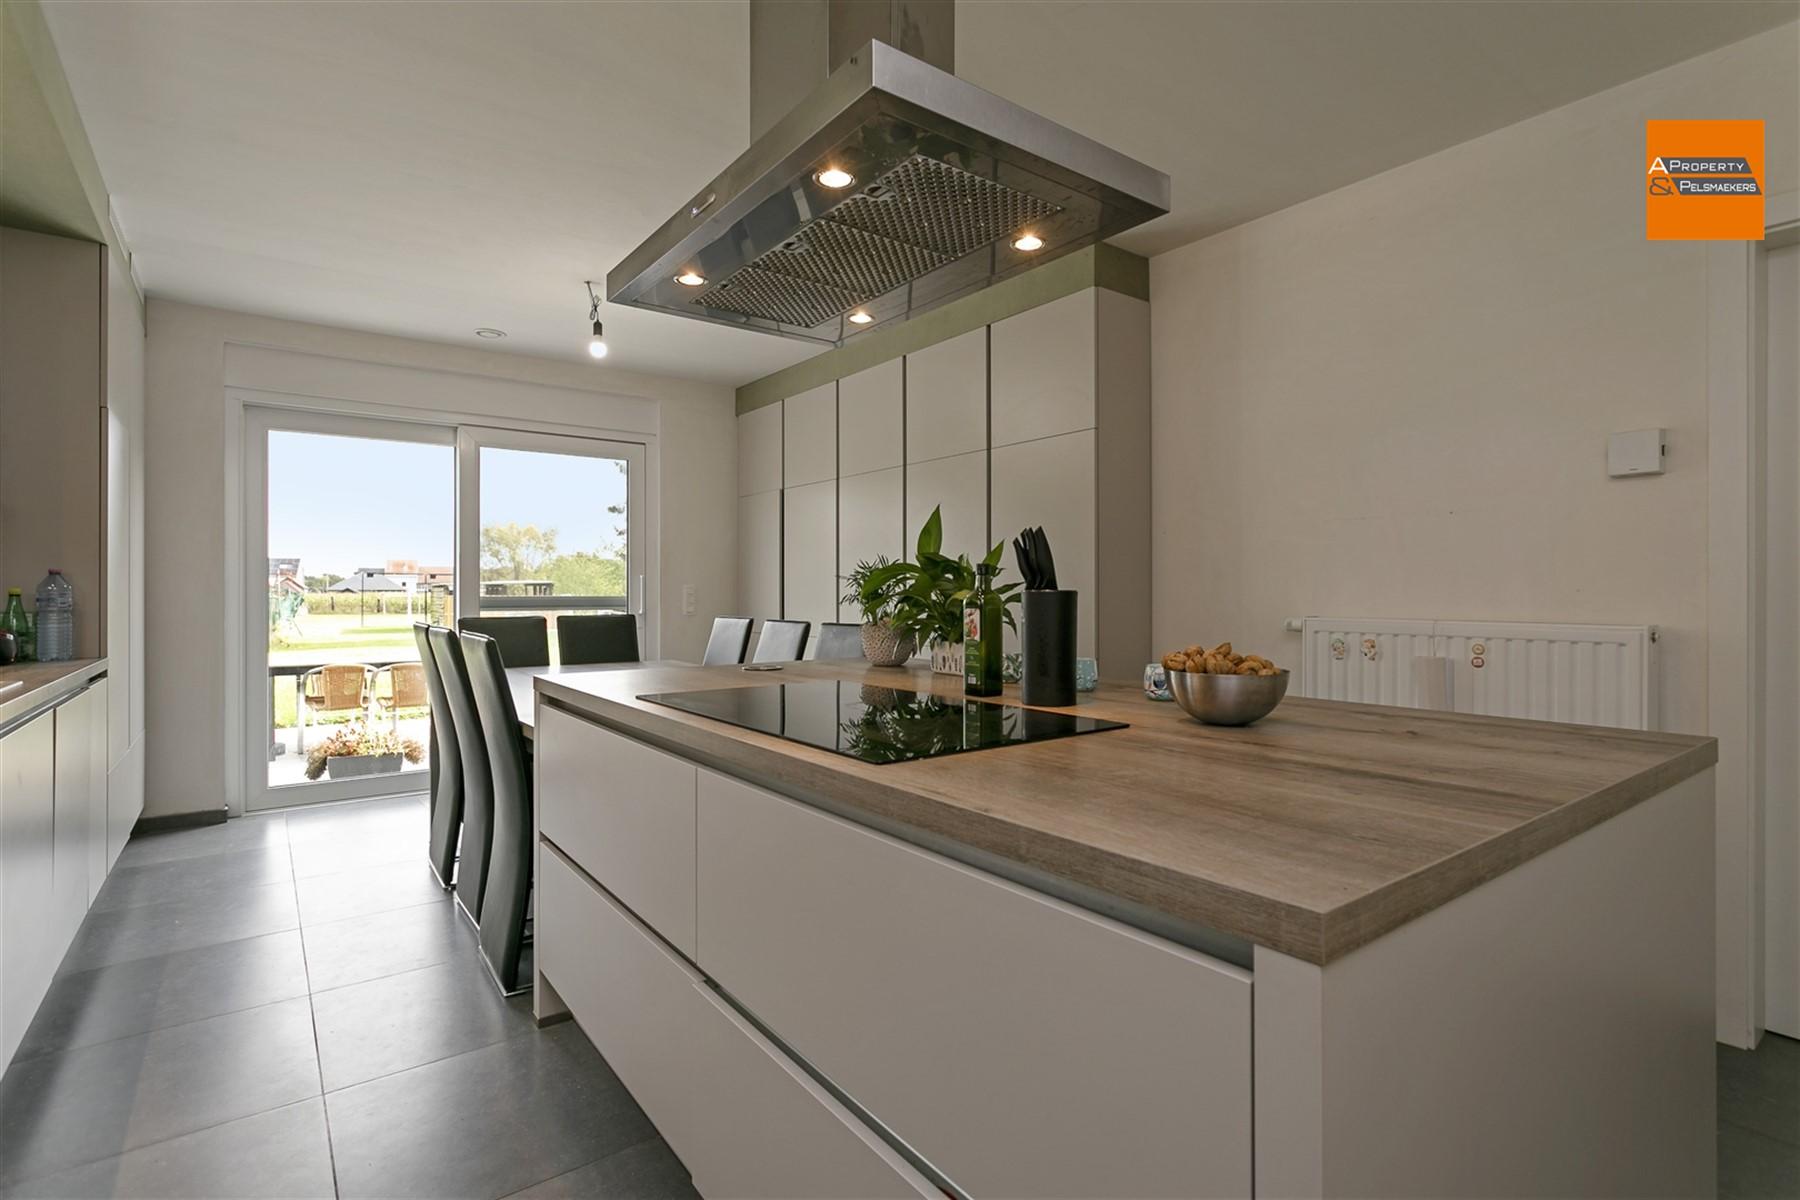 Foto 13 : Huis in 3071 ERPS-KWERPS (België) - Prijs € 650.000